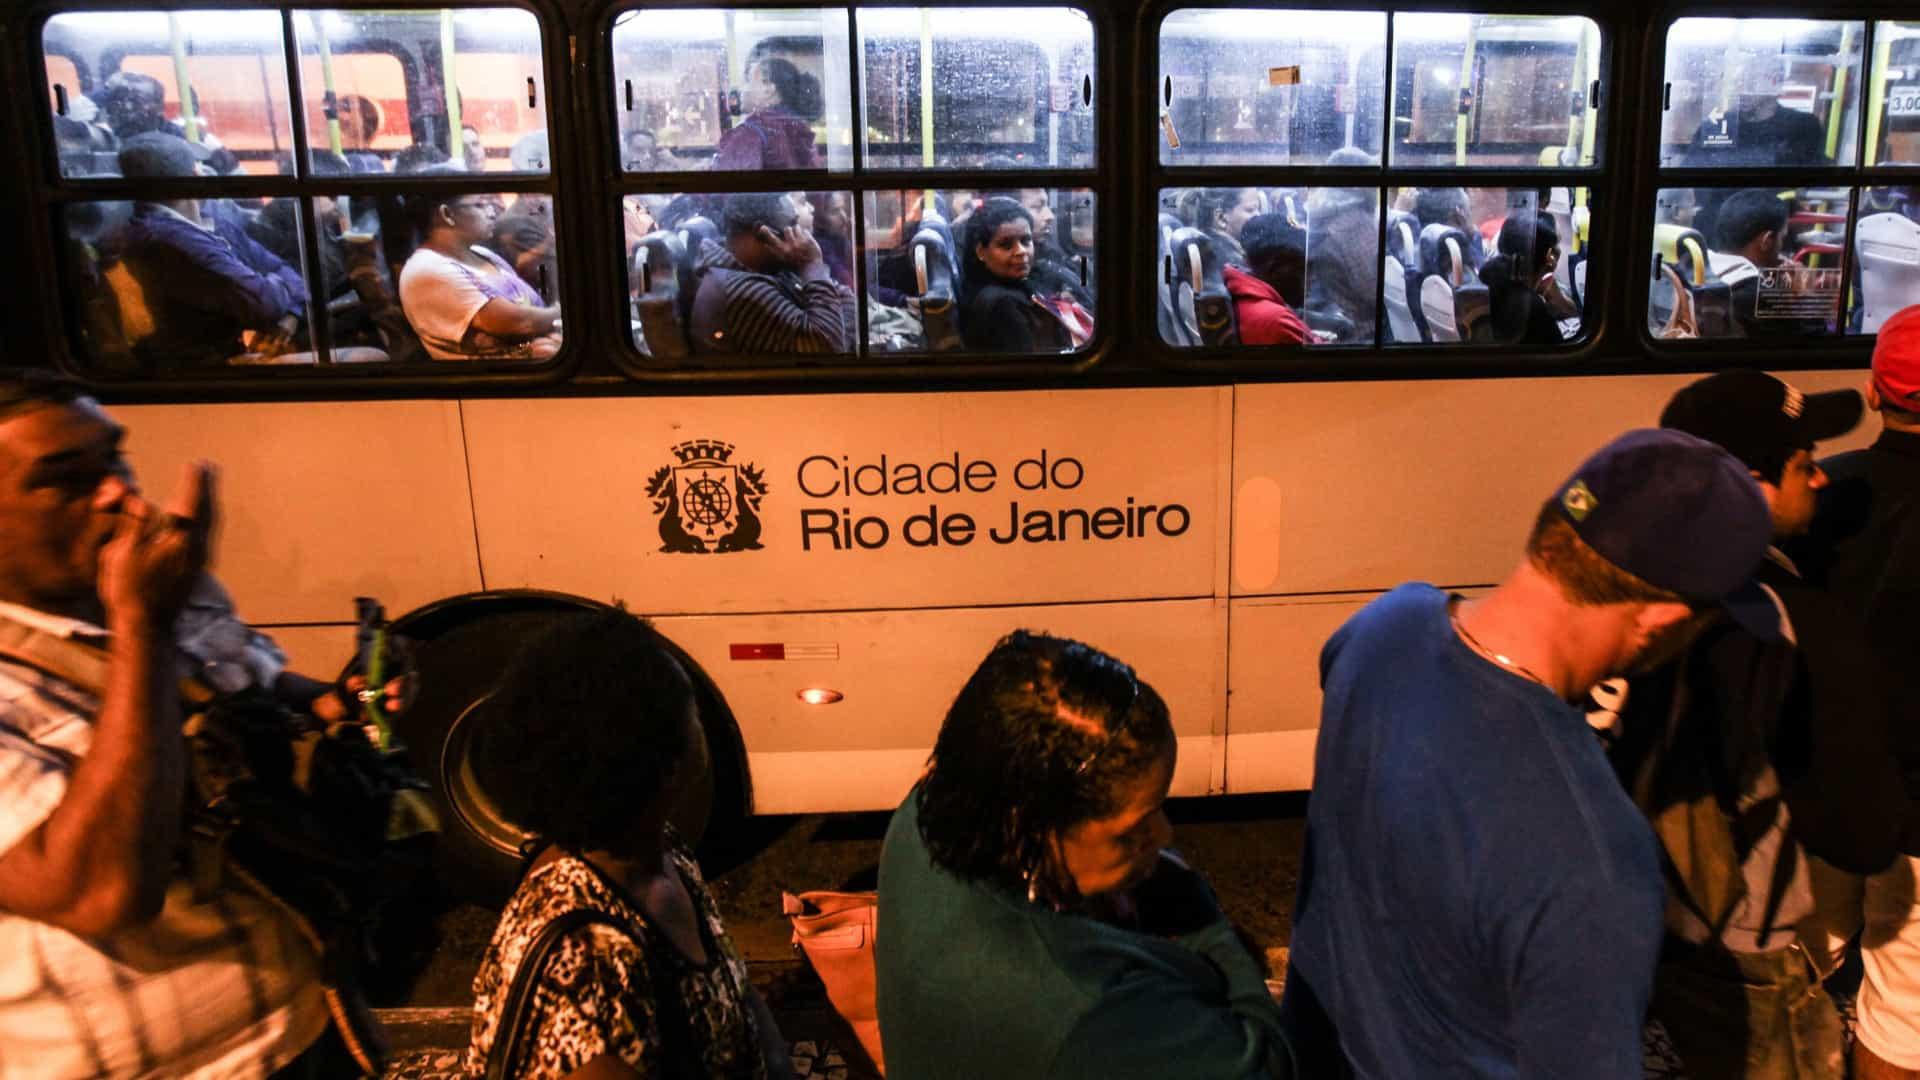 Polícia brasileira investiga rede de corrupção nos transportes do Rio